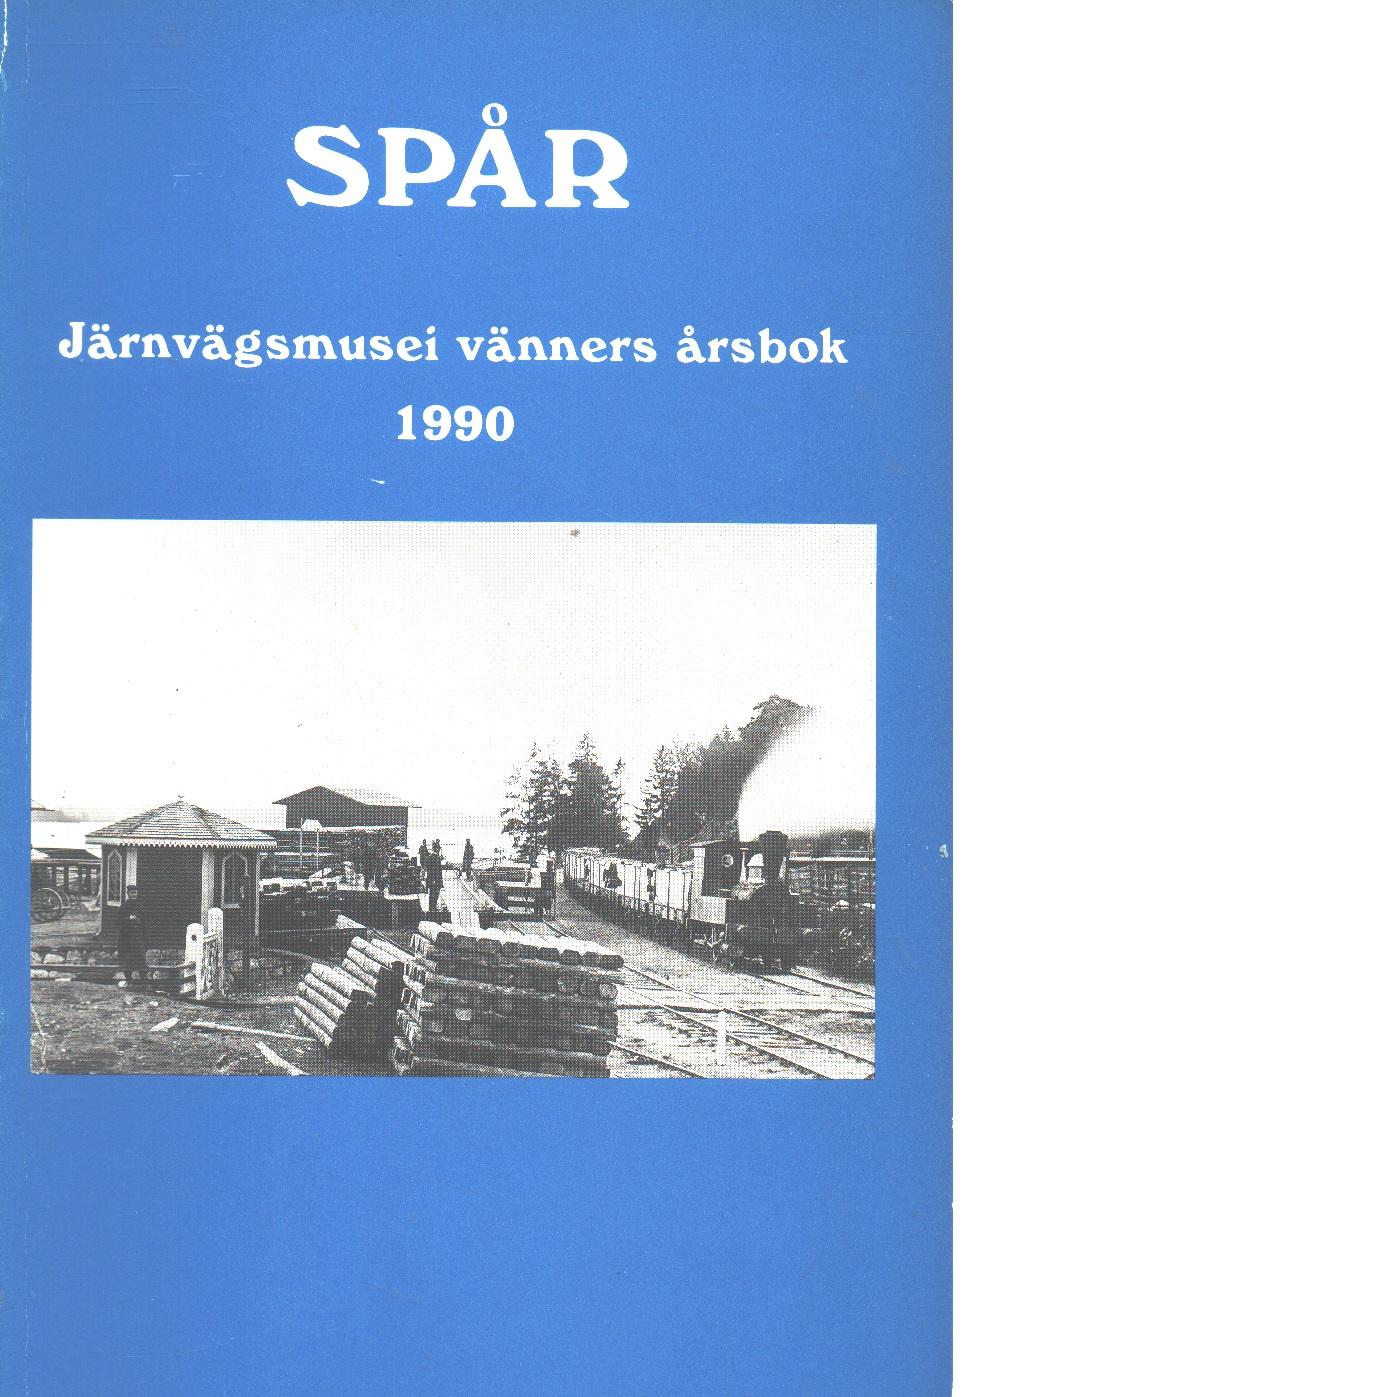 Spår : Järnvägsmusei vänners årsbok 1990 - Red.